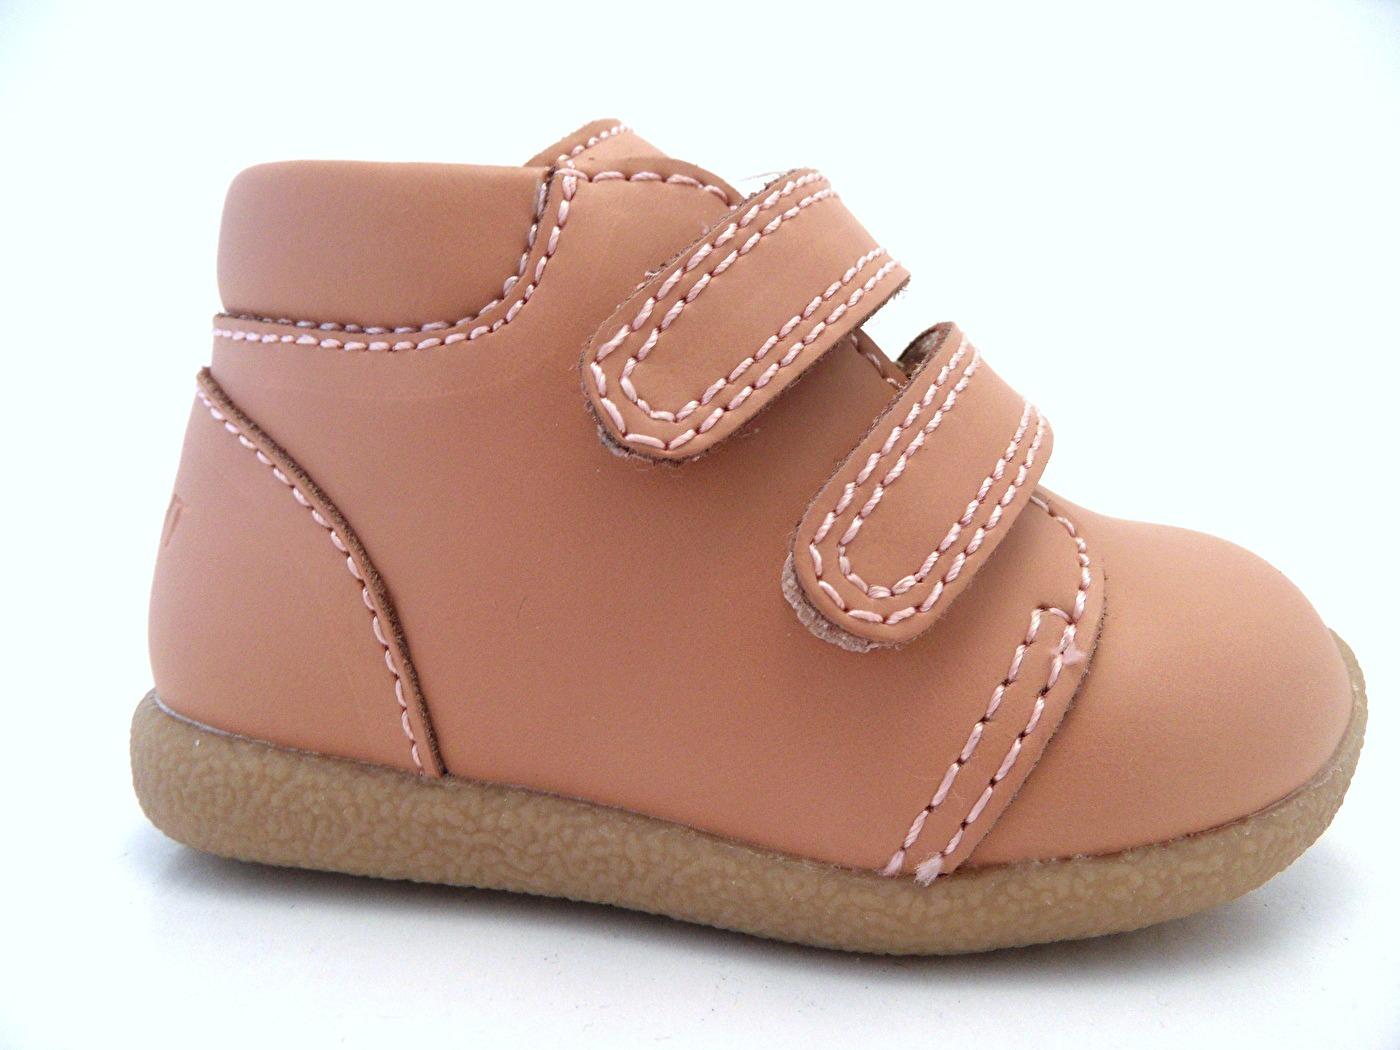 Enfant-Lära-gå-sko-Rose